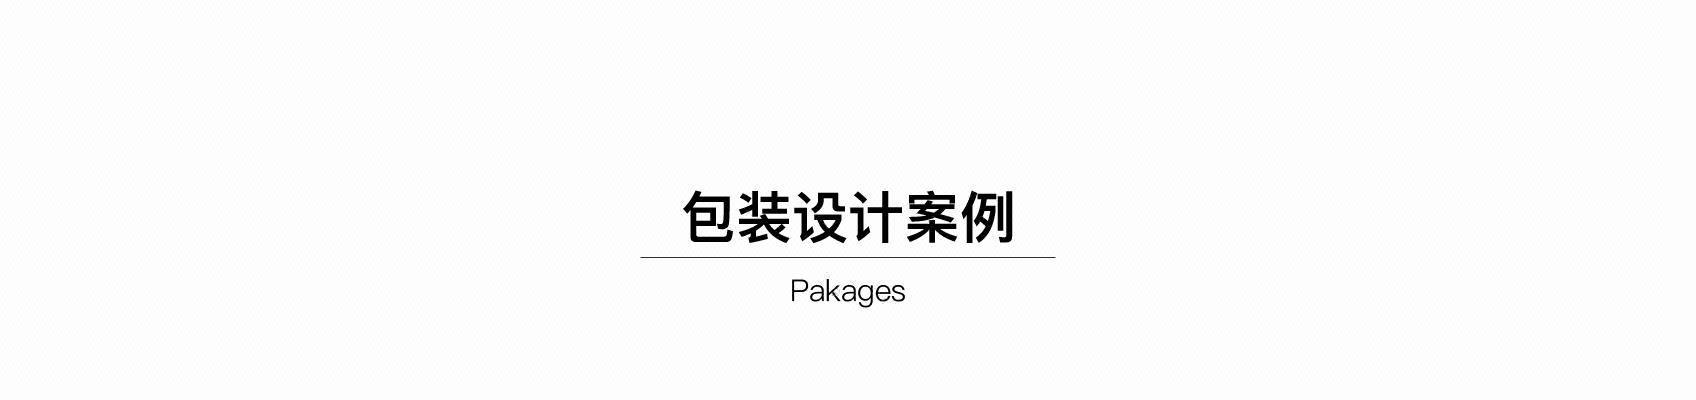 LOGO_字体设计文字logo公司企业品牌标志图标设计28